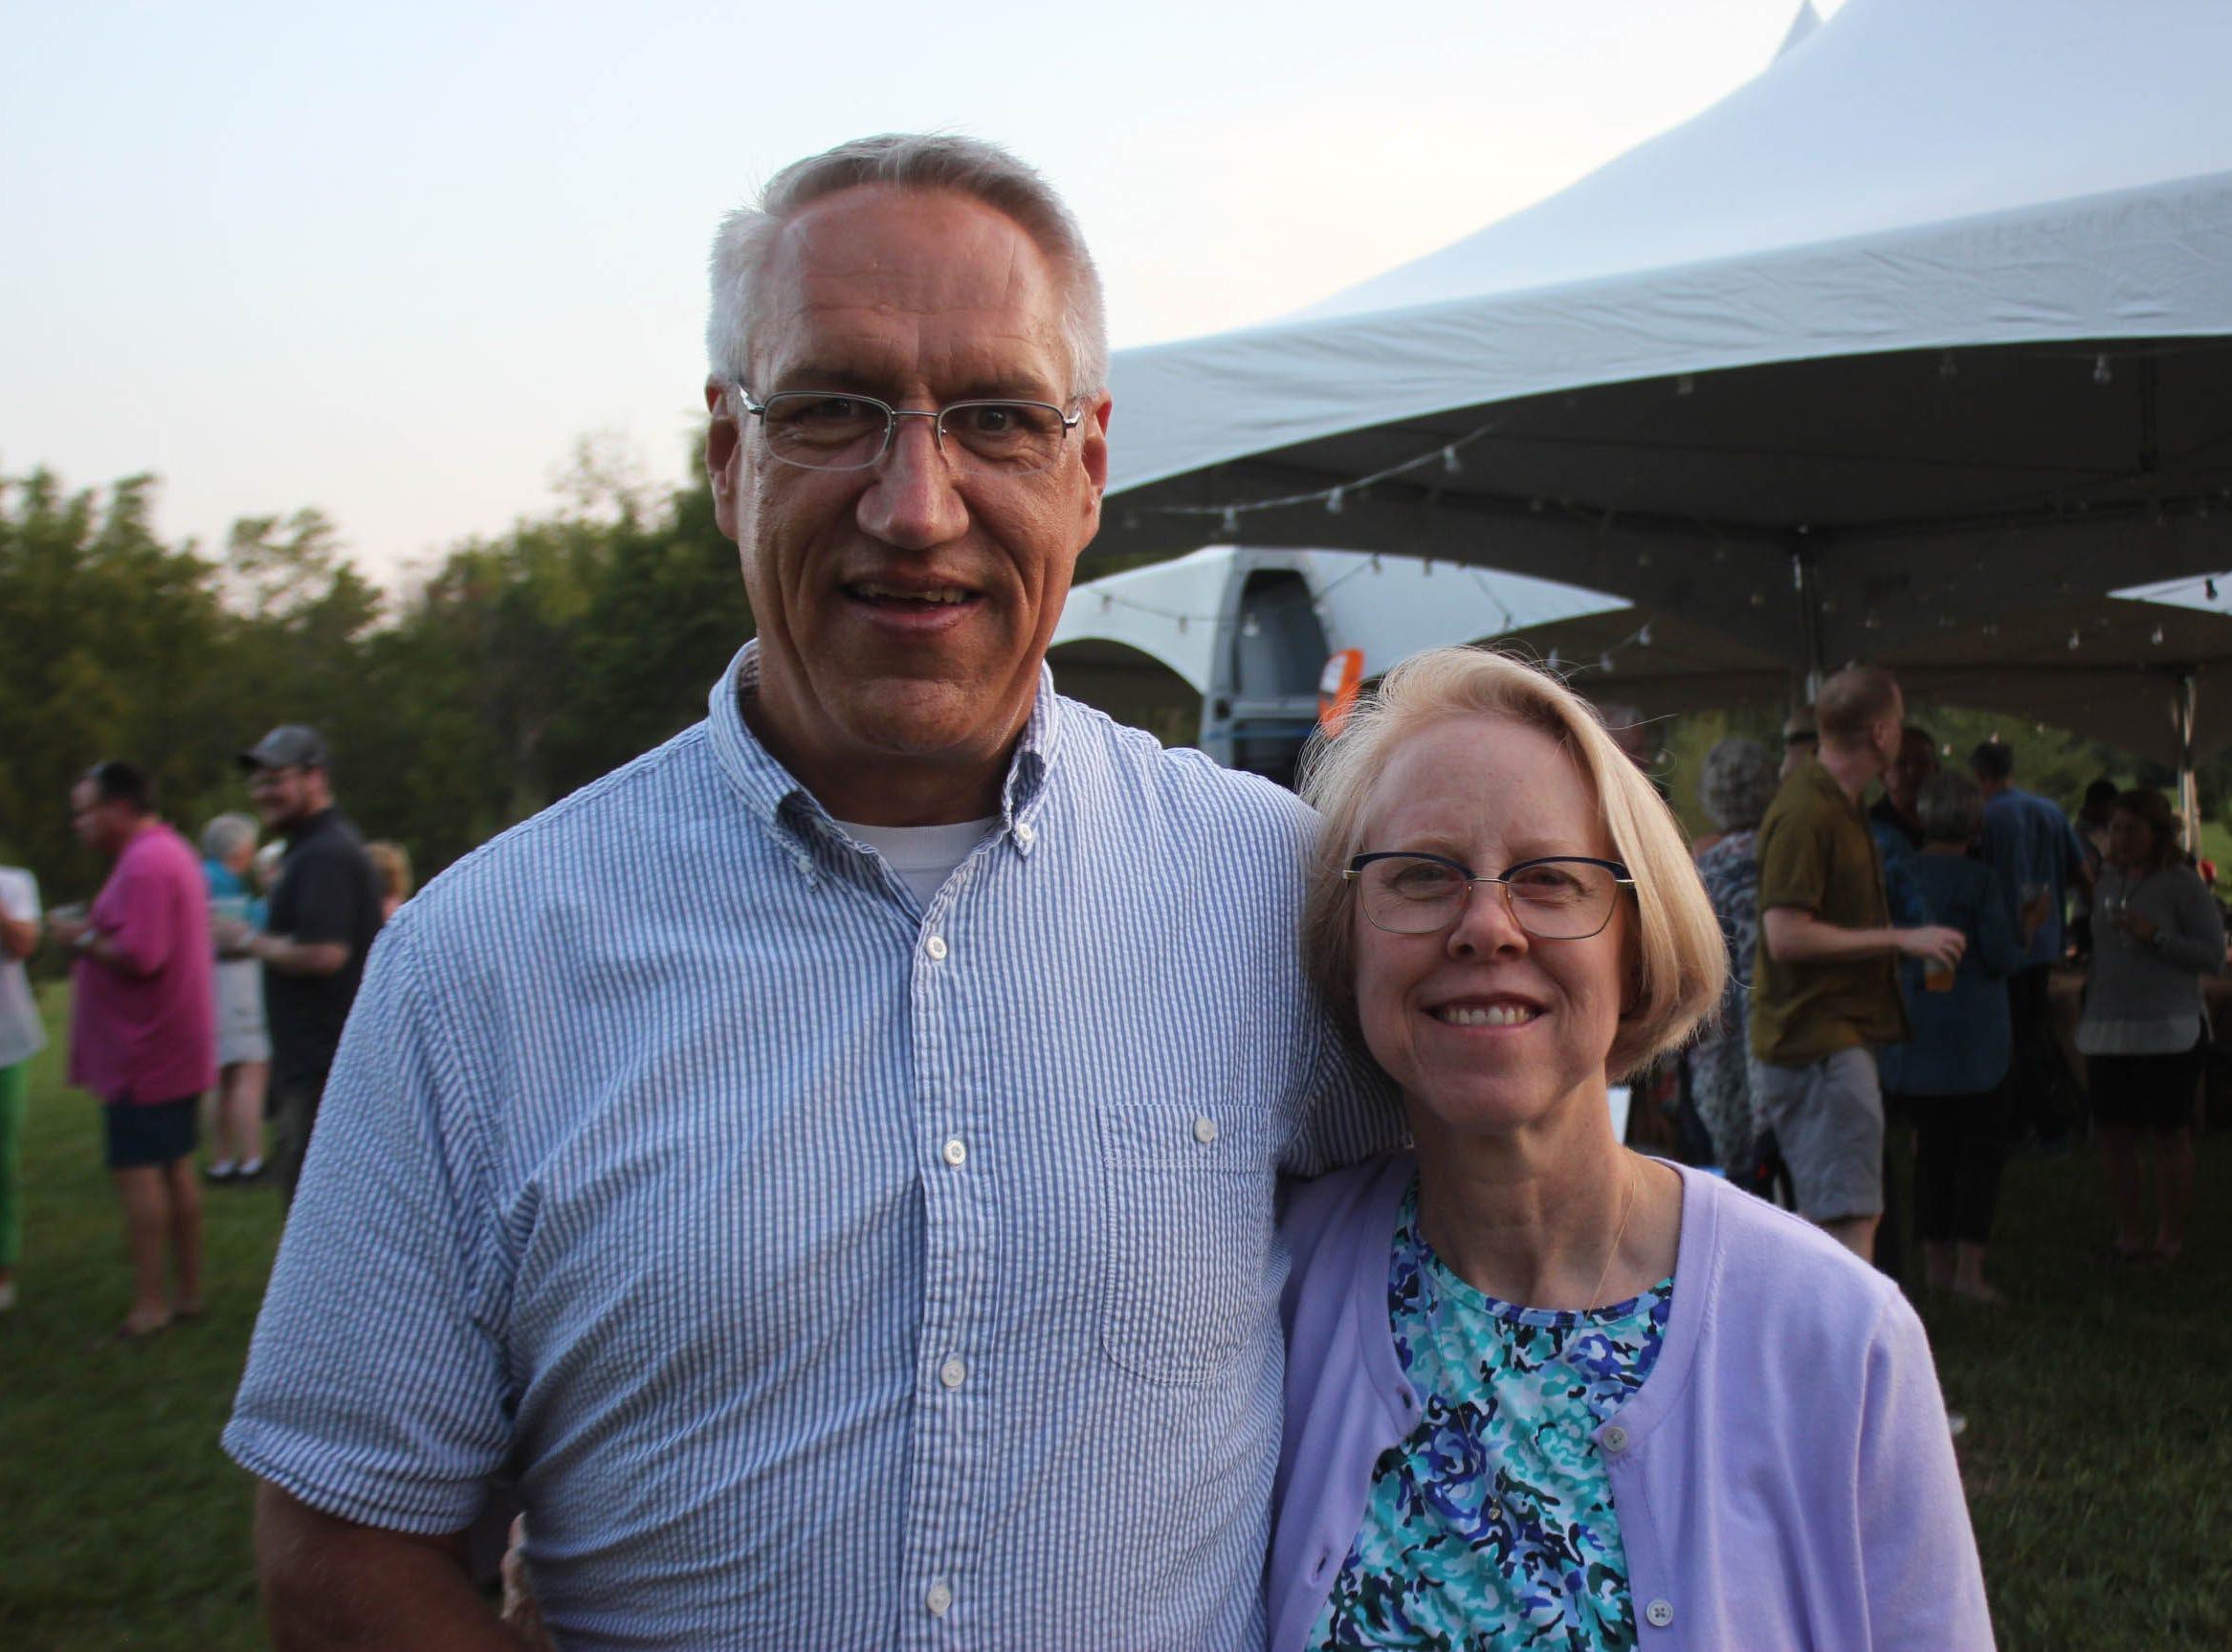 Brad Kielhofner and Gerri Keilhofner